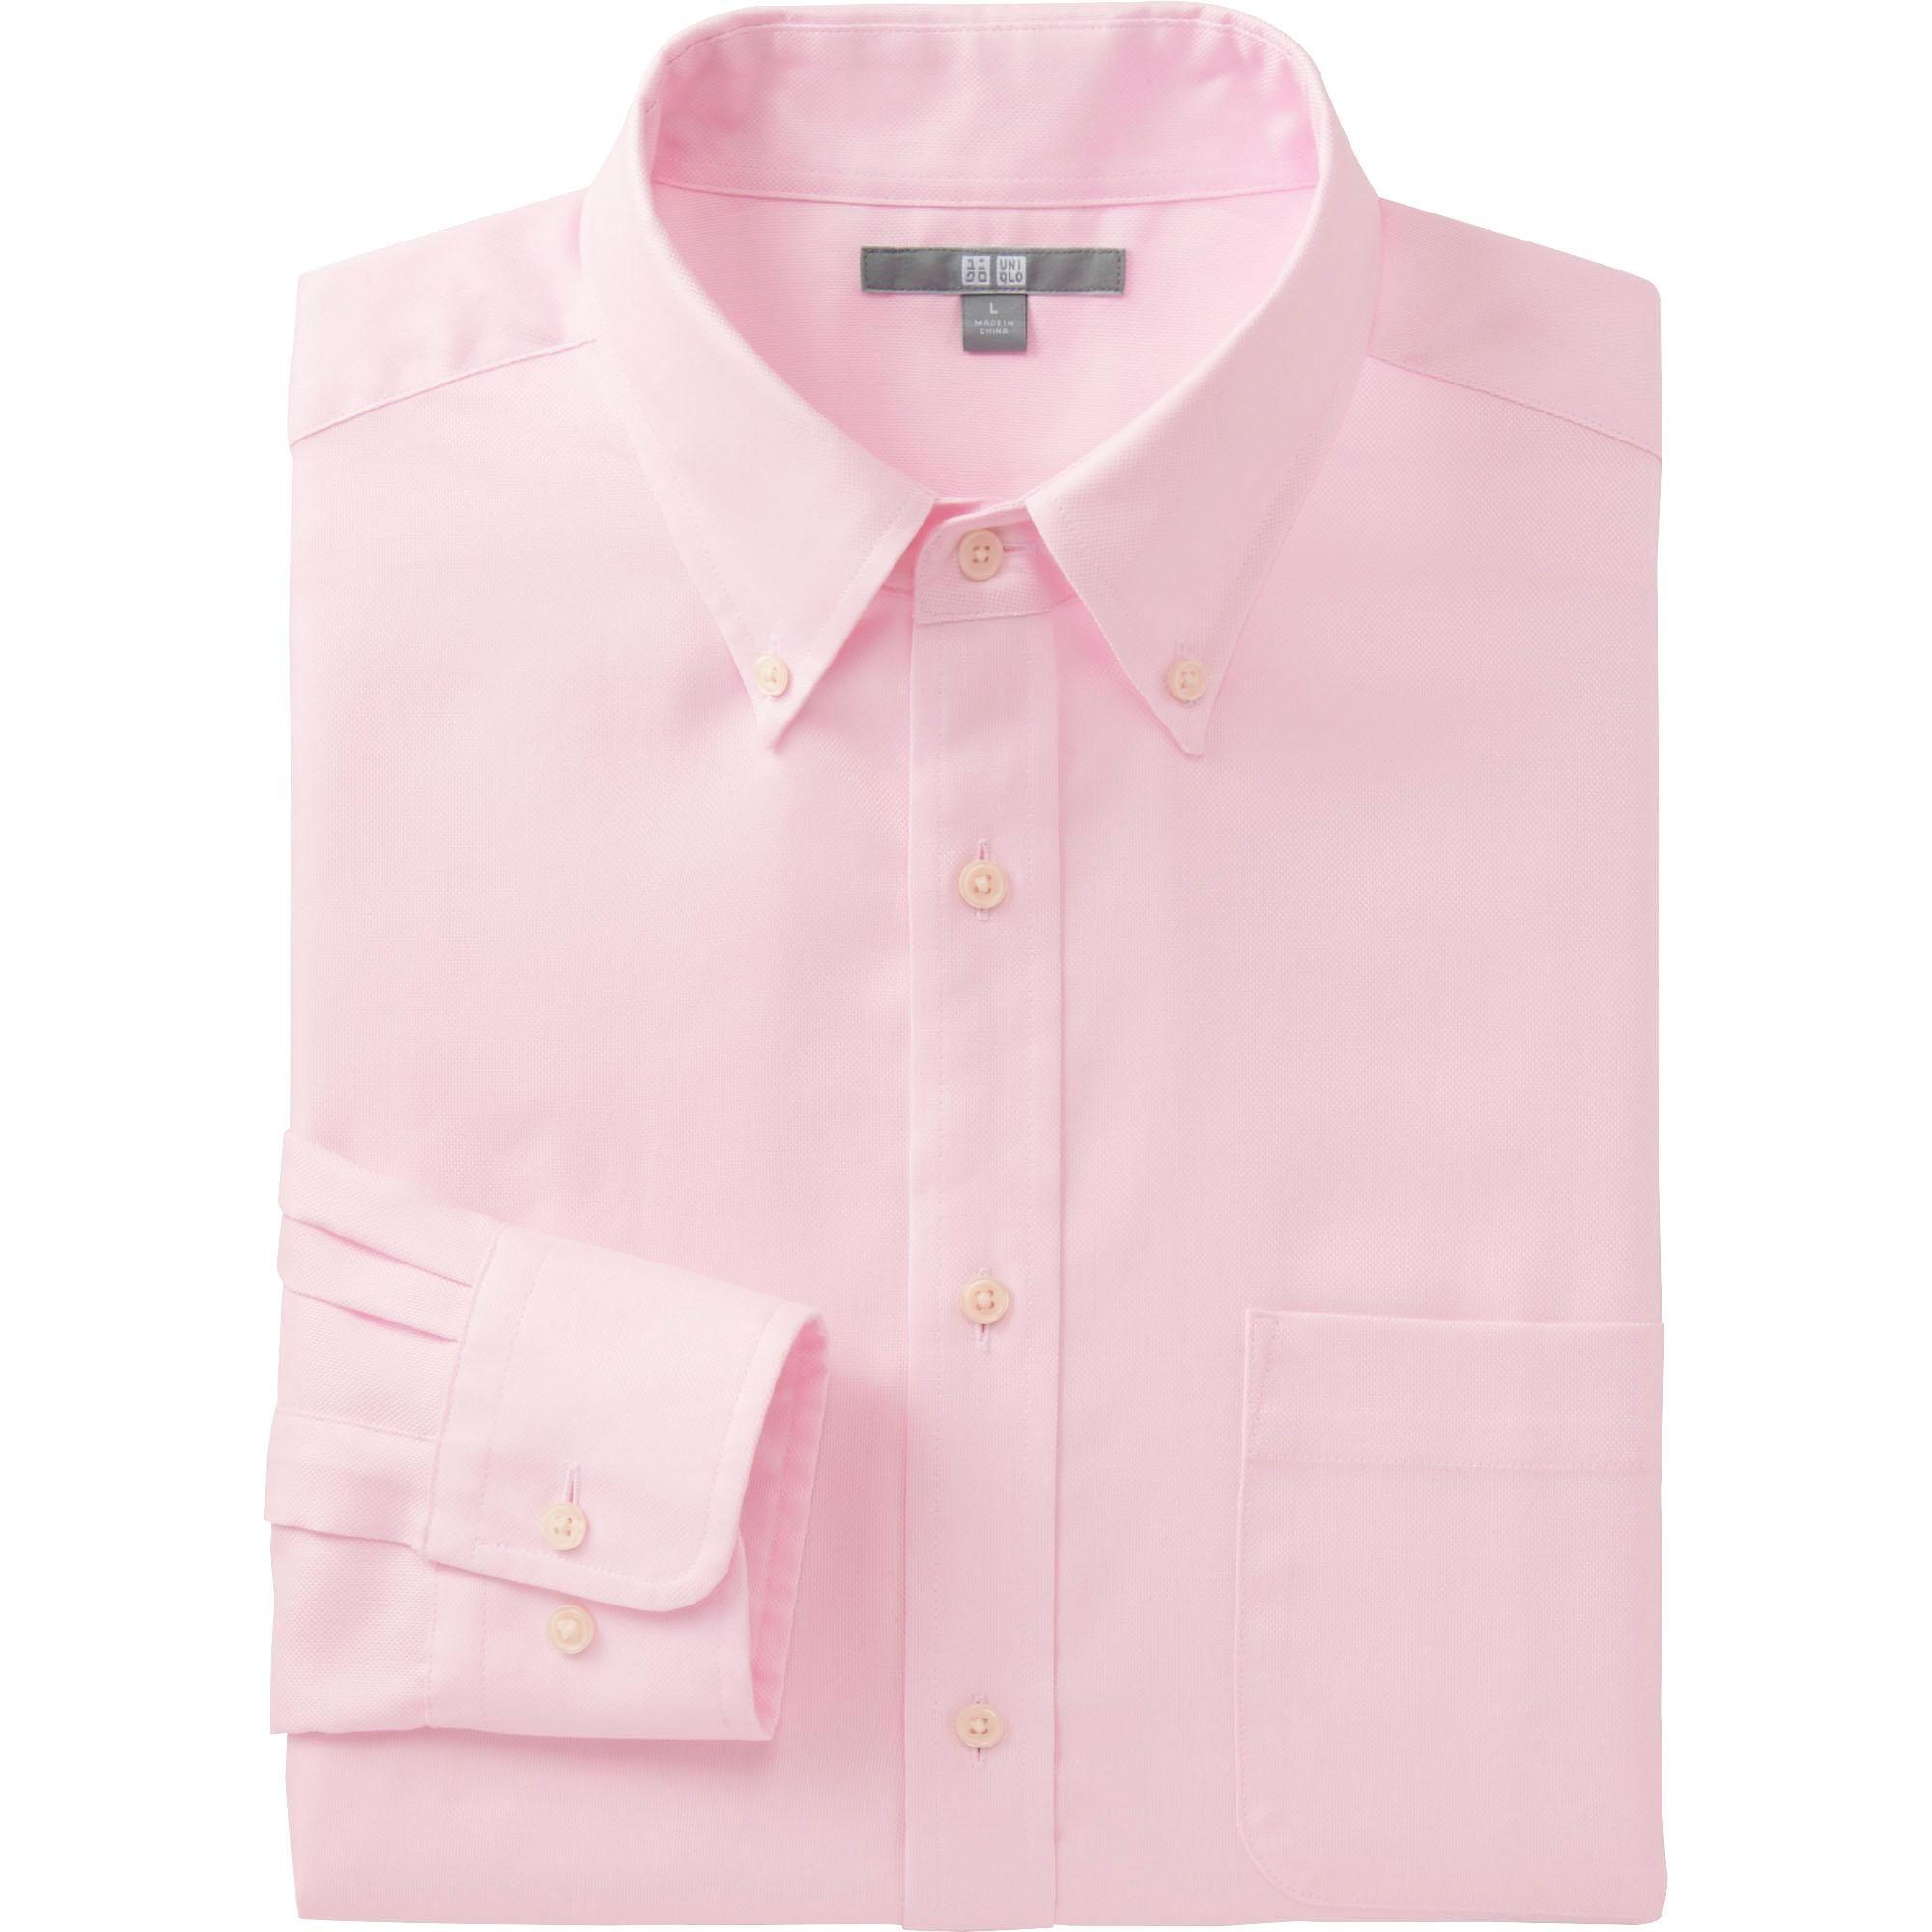 Cheap Pink Dress Shirt for Men 2016 | CLOTHES | Pinterest | Dress ...